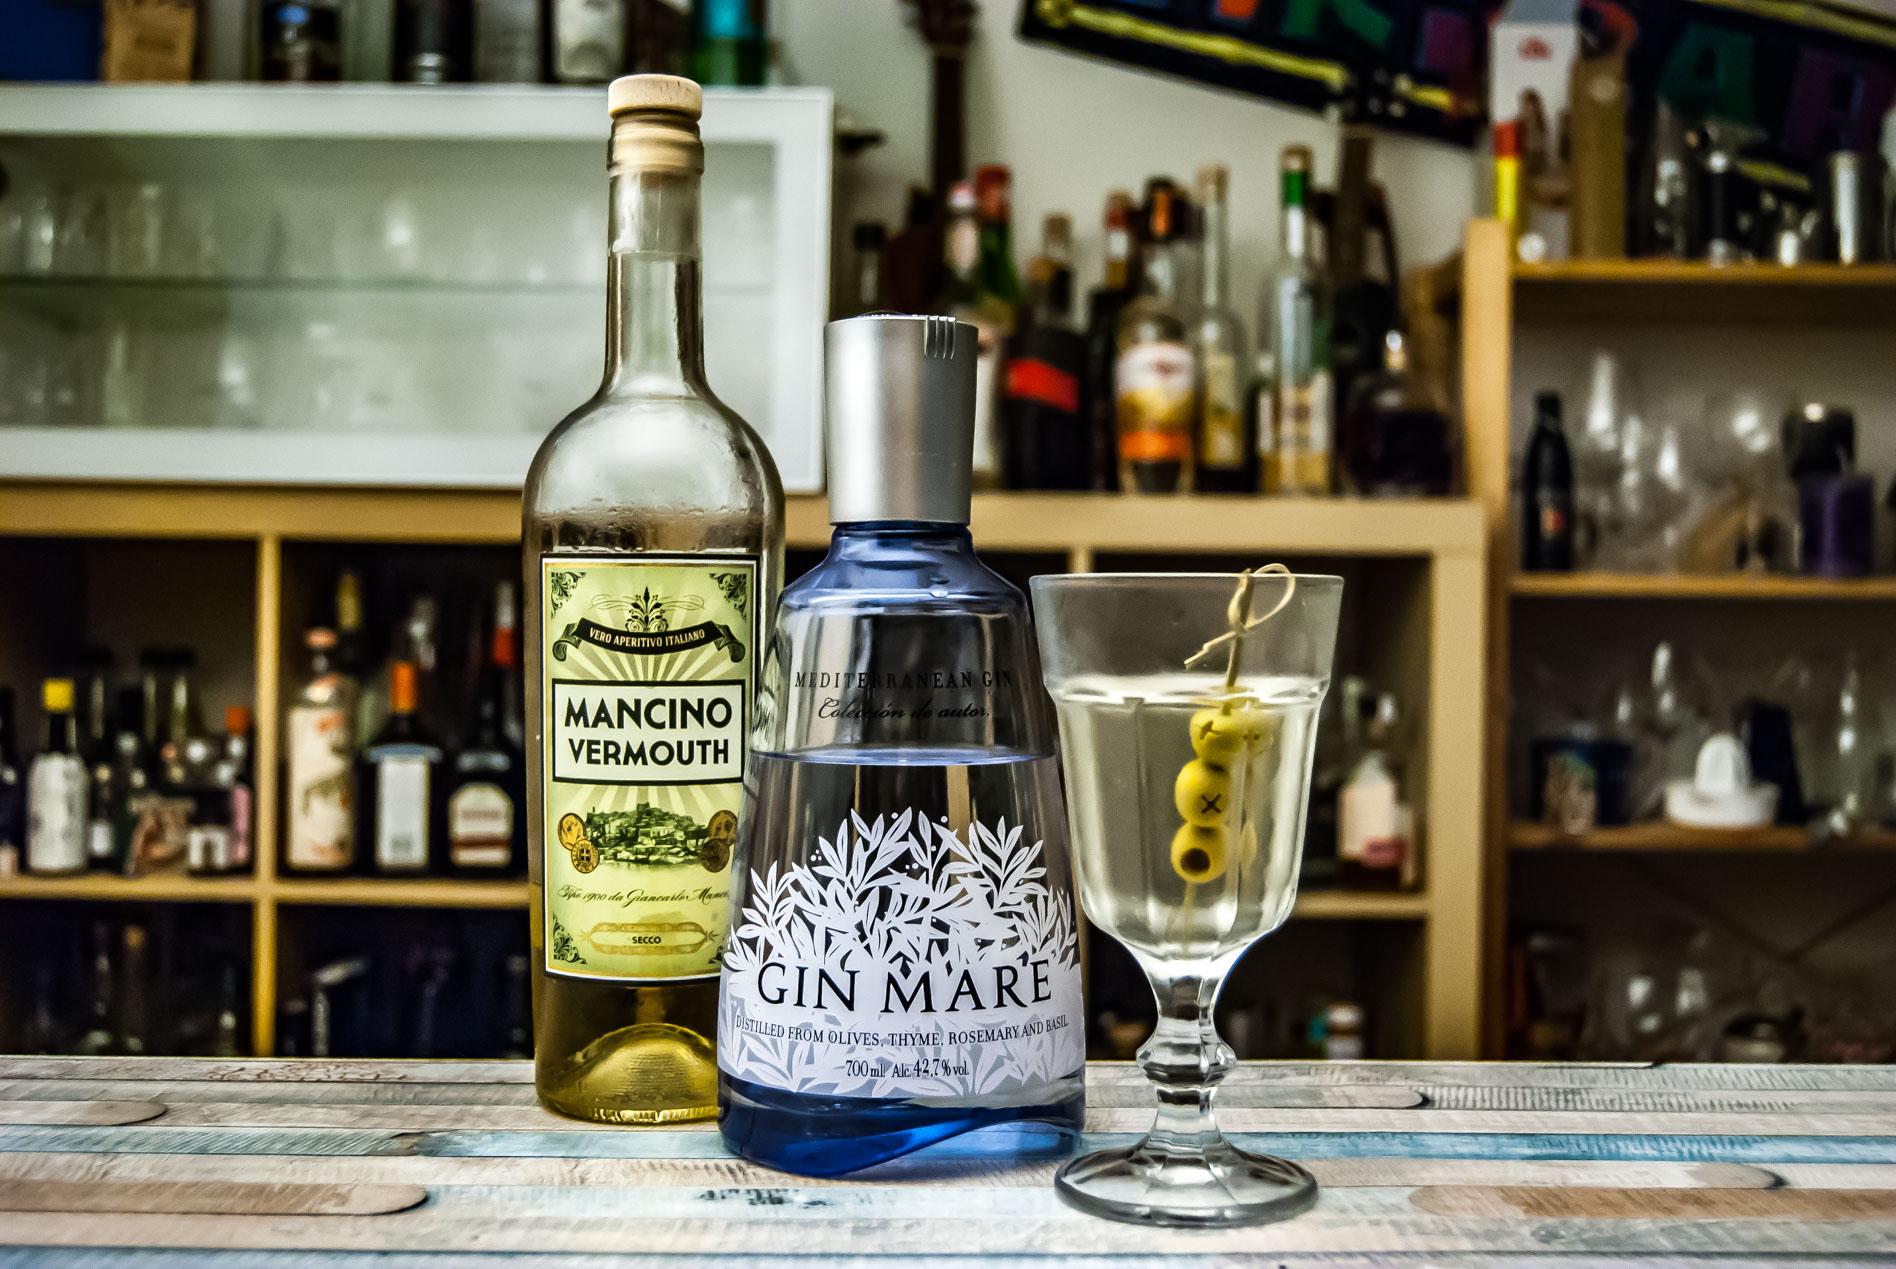 Der Gin Mare im Dirty Martini mit Mancino Vermouth Secco.